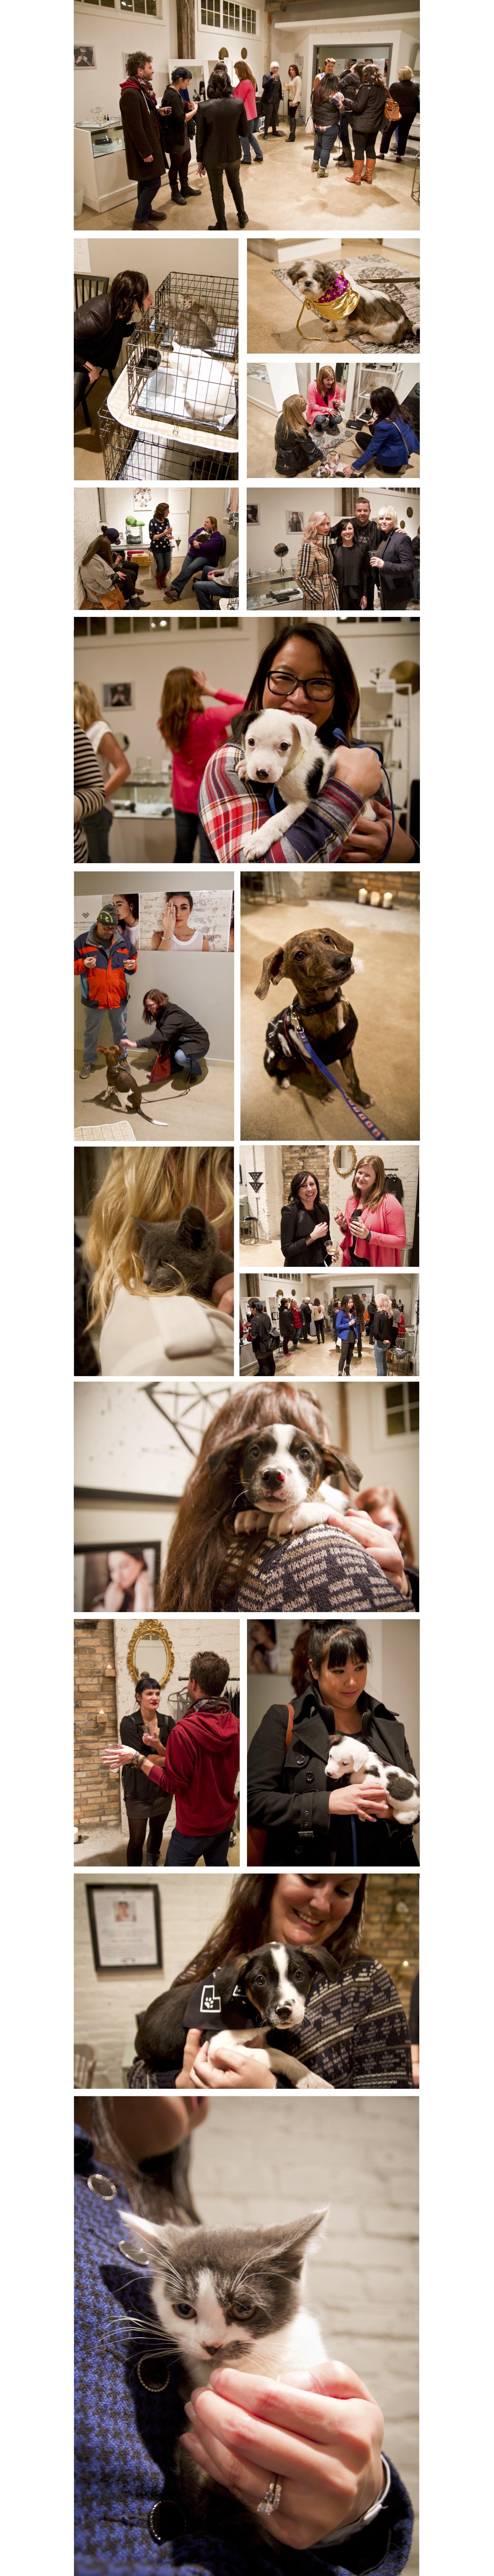 Event Recap : PPR & Hardt Print Launch Party Photos